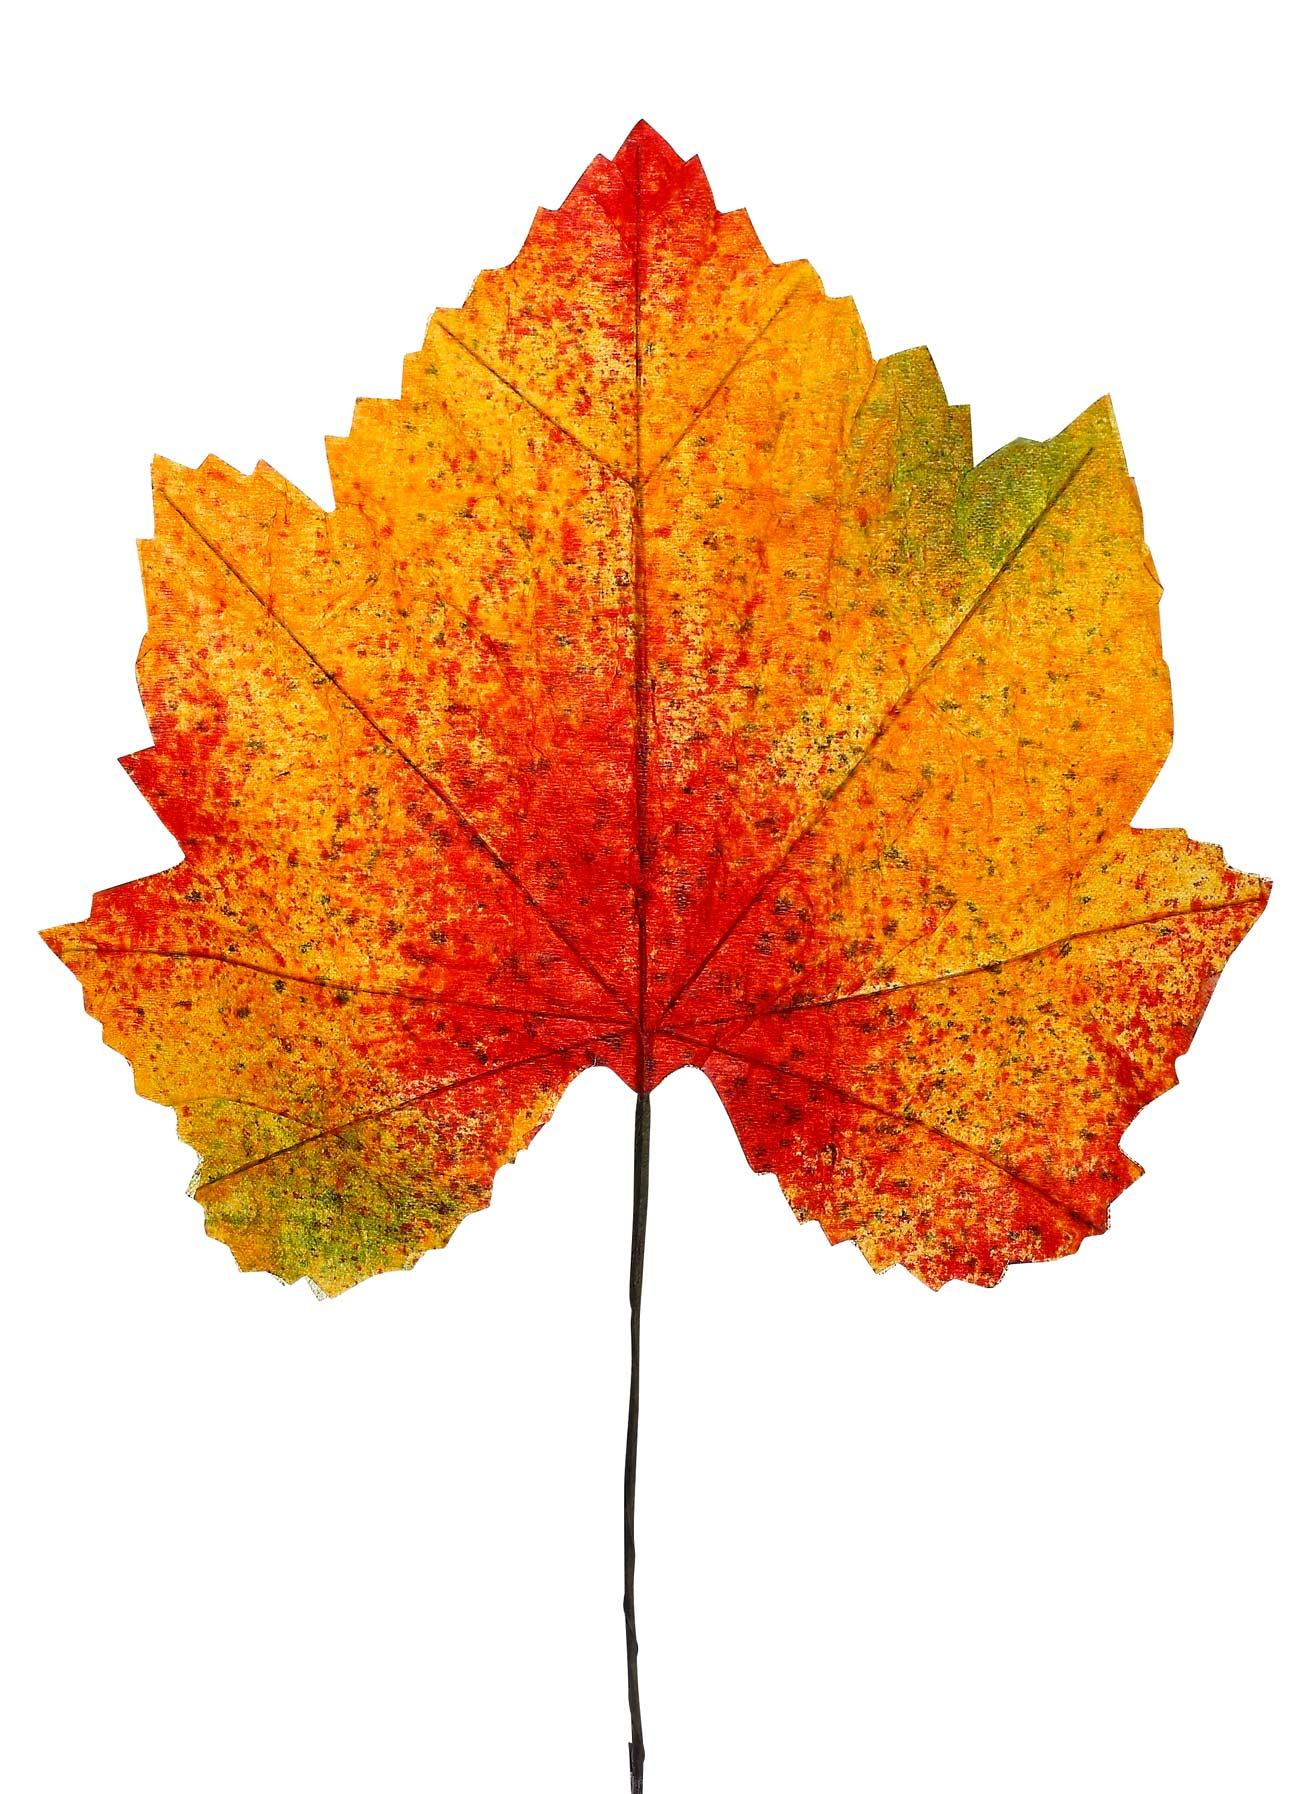 Grune Farbe Herstellen : Blätter im Herbst – Sinnbilder für Leben und Auferstehung Eine